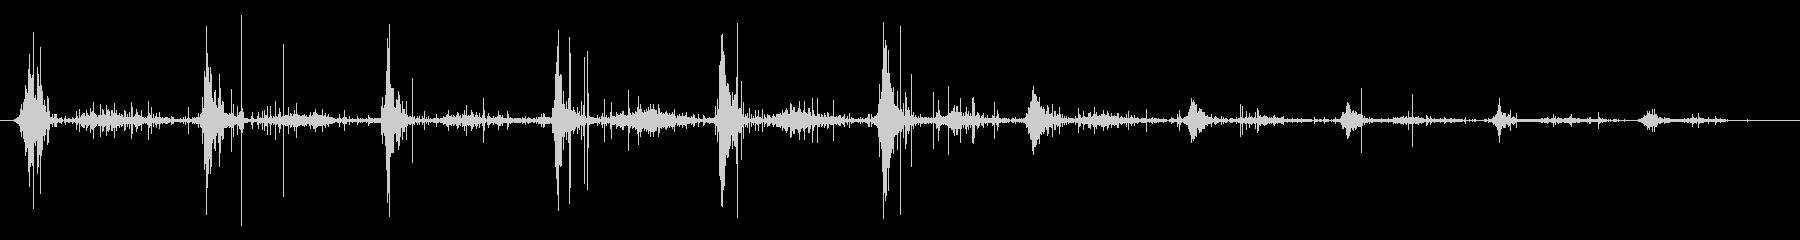 ASMR 木の葉の山の足音の未再生の波形